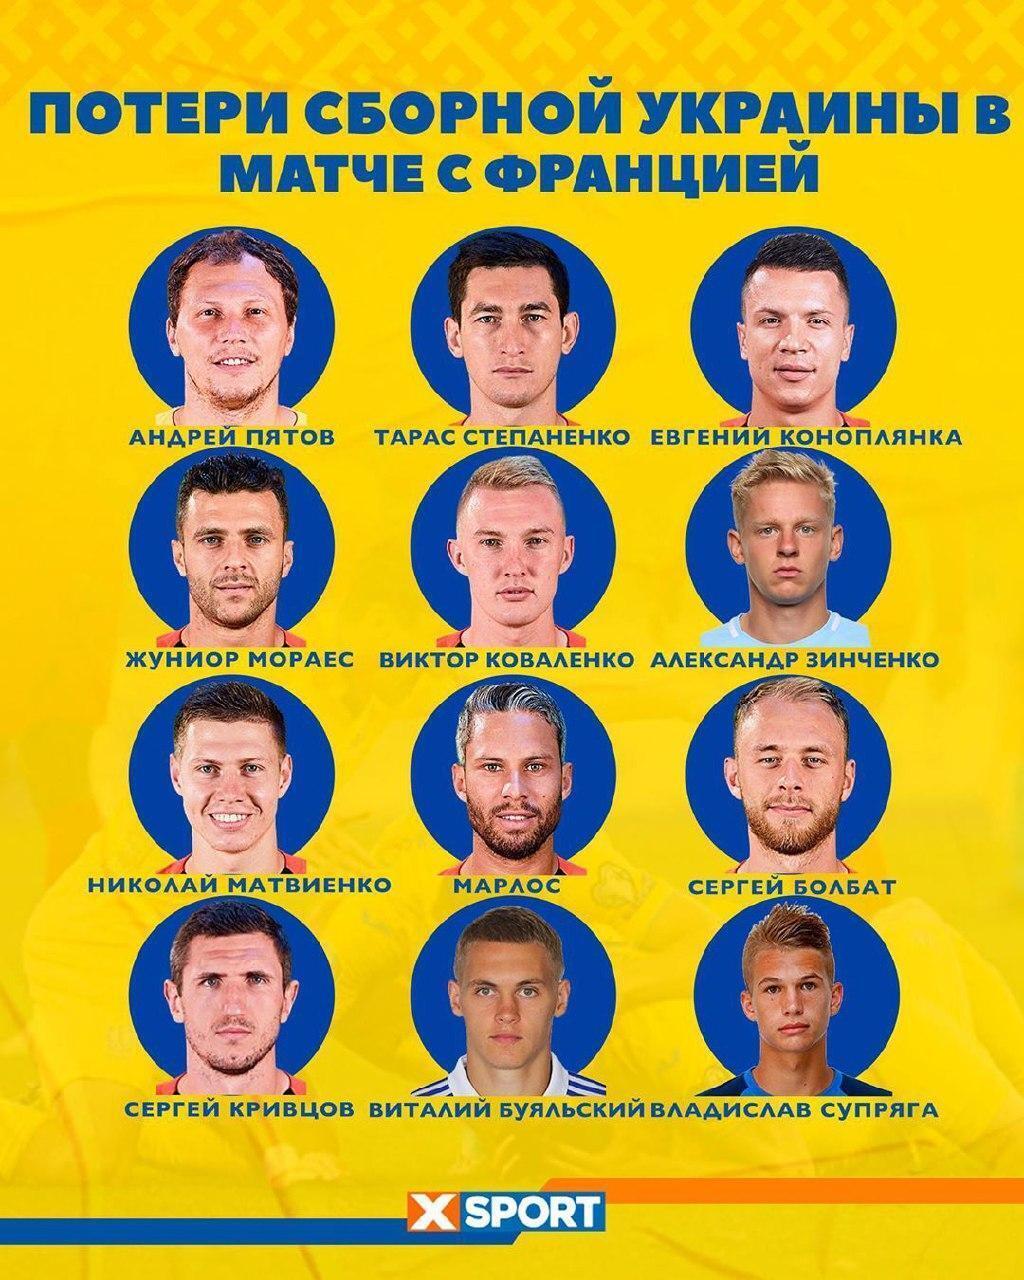 Сборная Украины потеряла 12 футболистов перед матчем с Францией